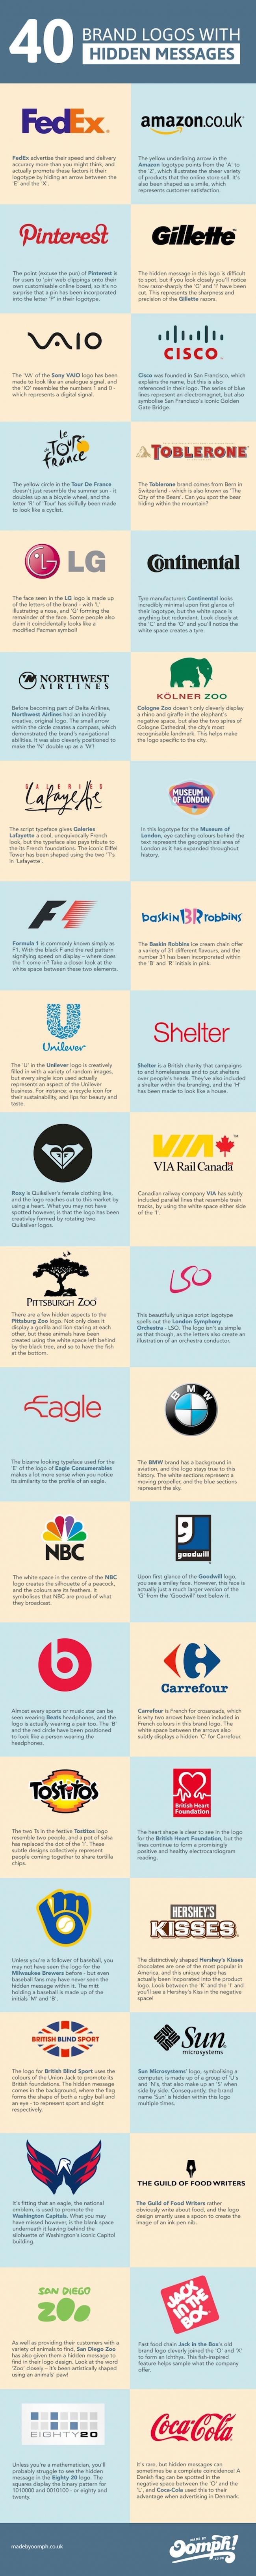 لوگوهای معروف دنیا و پیام مخفی در آنها